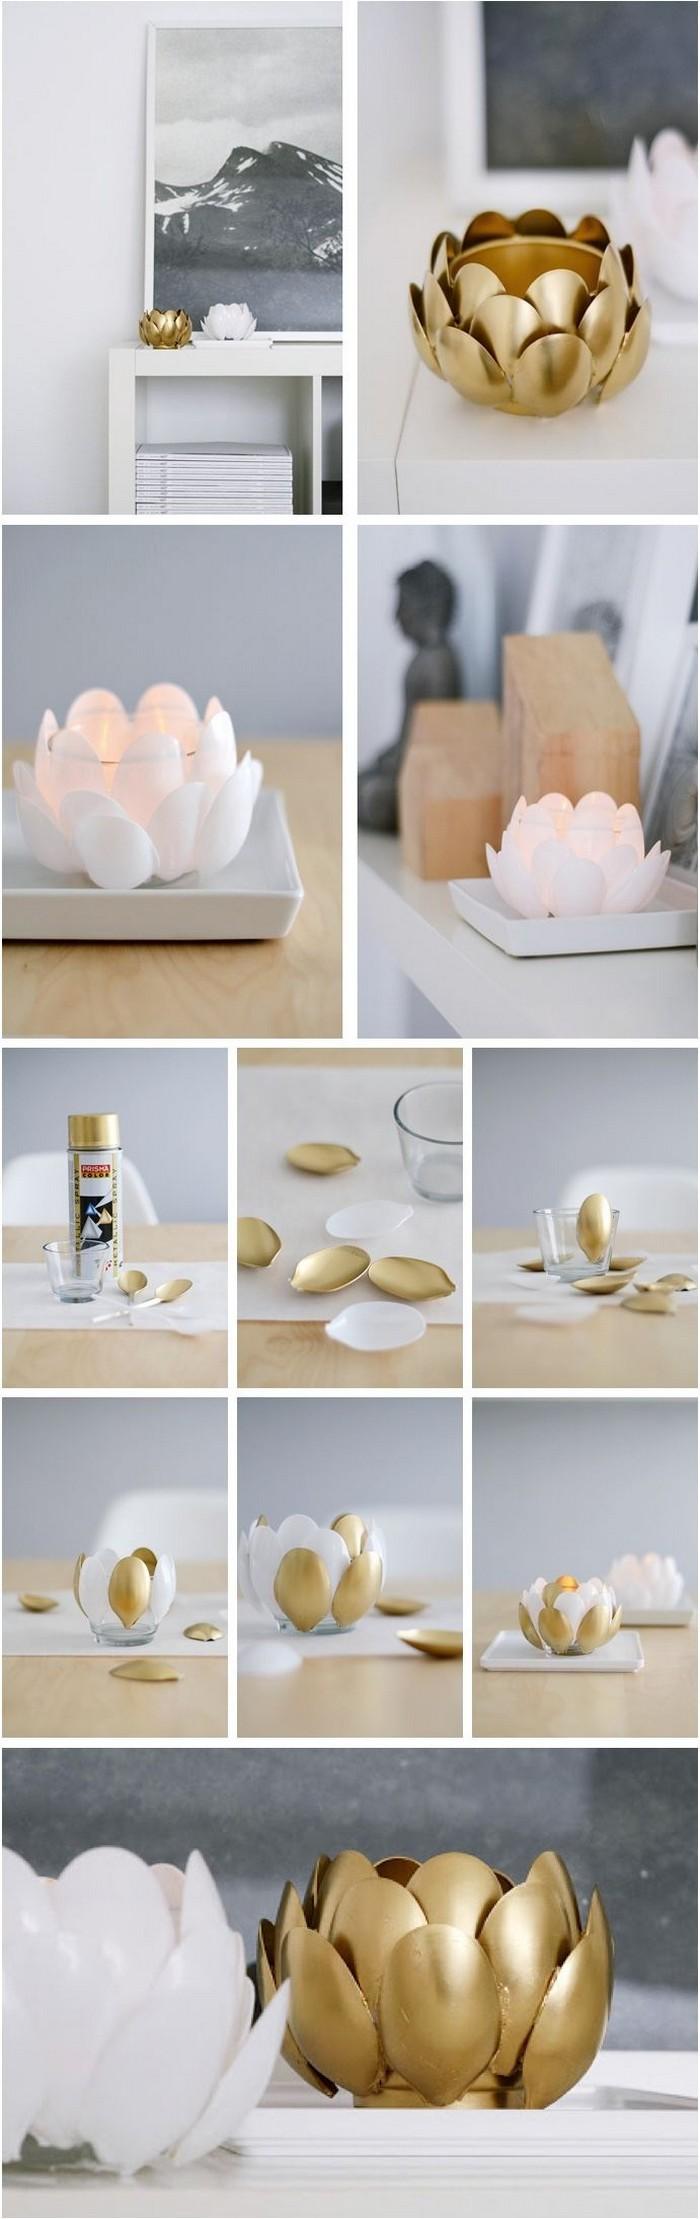 DIY Water Lilies